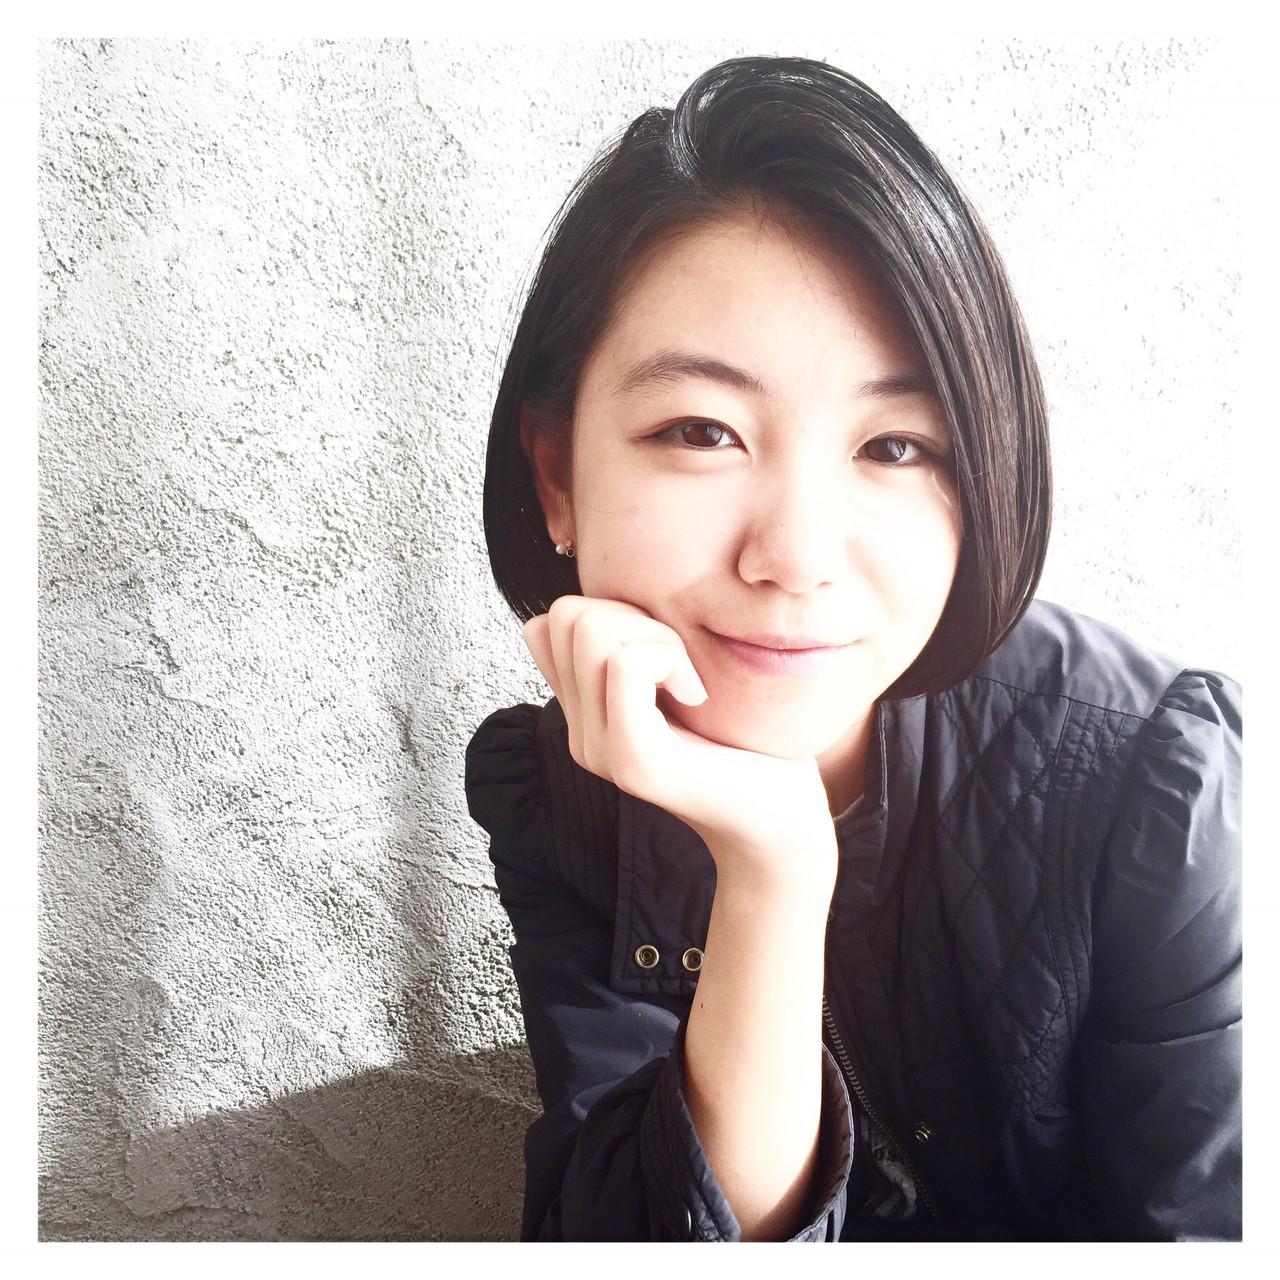 切りっぱなし ナチュラル 黒髪 色気 ヘアスタイルや髪型の写真・画像 | 北崎麻美/LUKE福岡⇄dakotaracy東京 / LUKE FUKUOKA